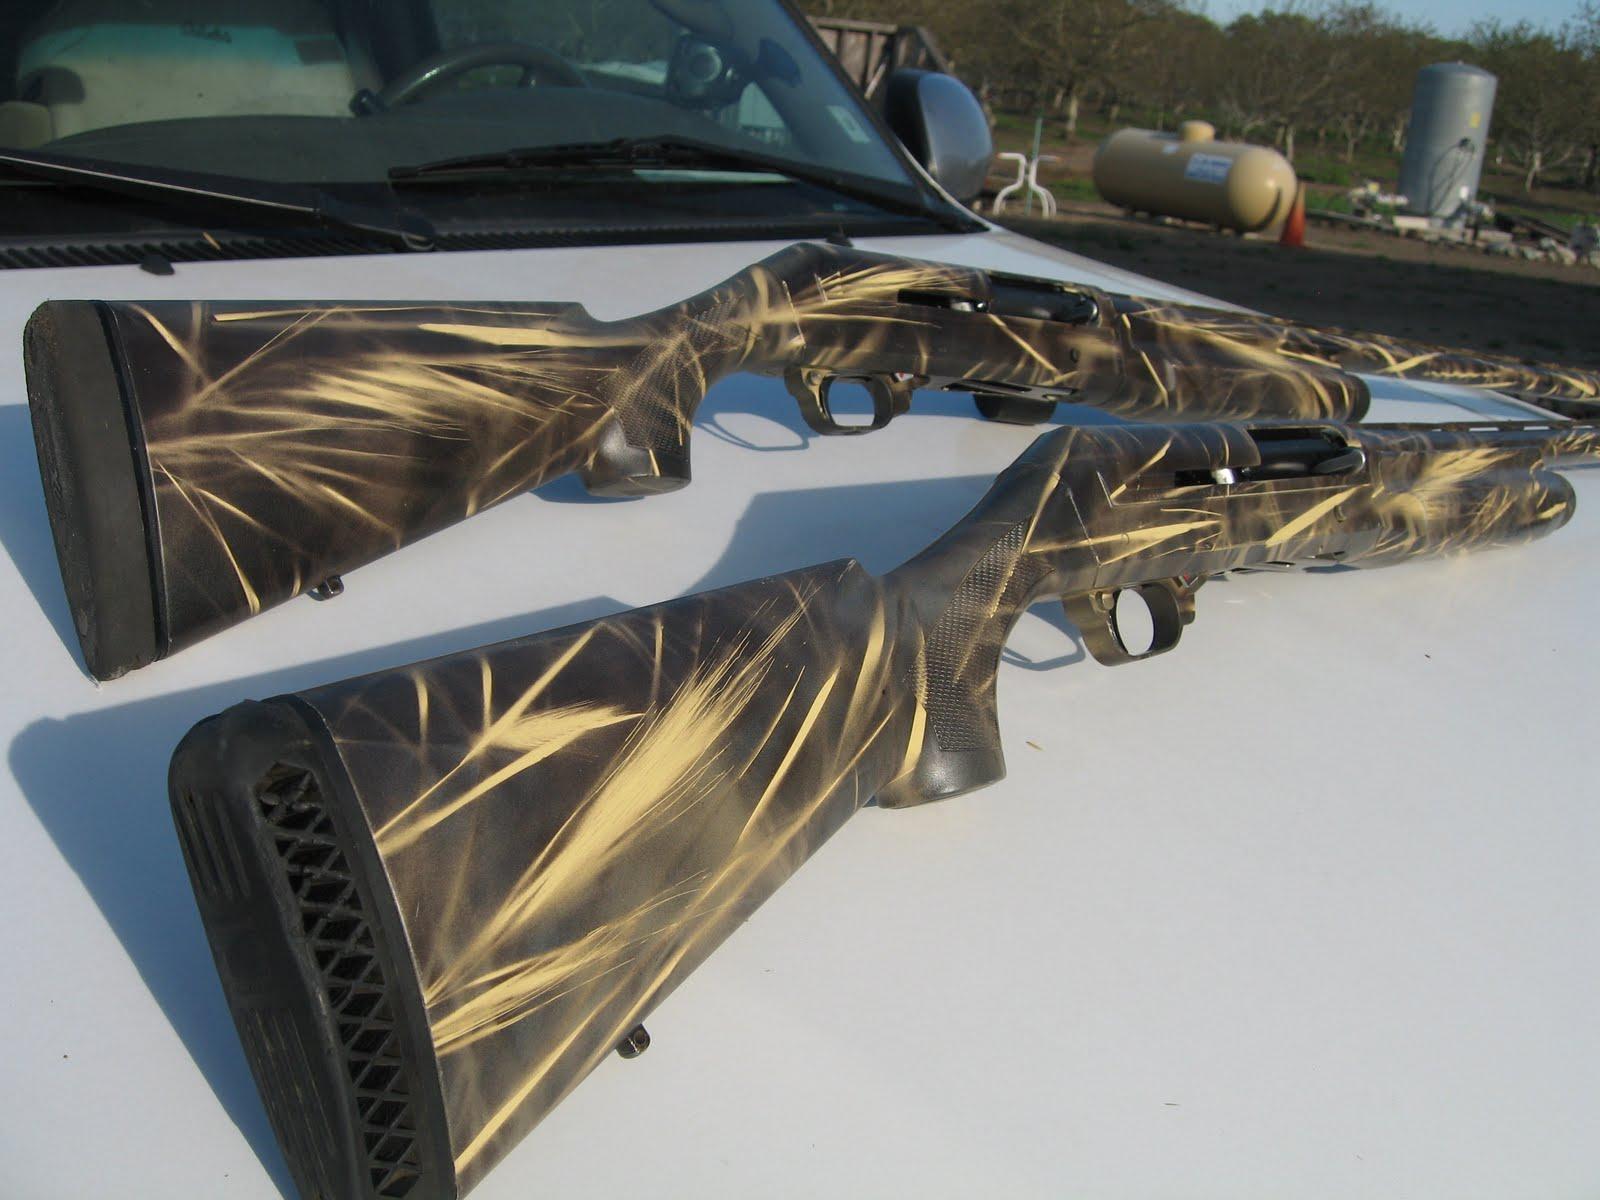 Duck Hunting: HerbanHunter Timber/Field Gun Camouflage